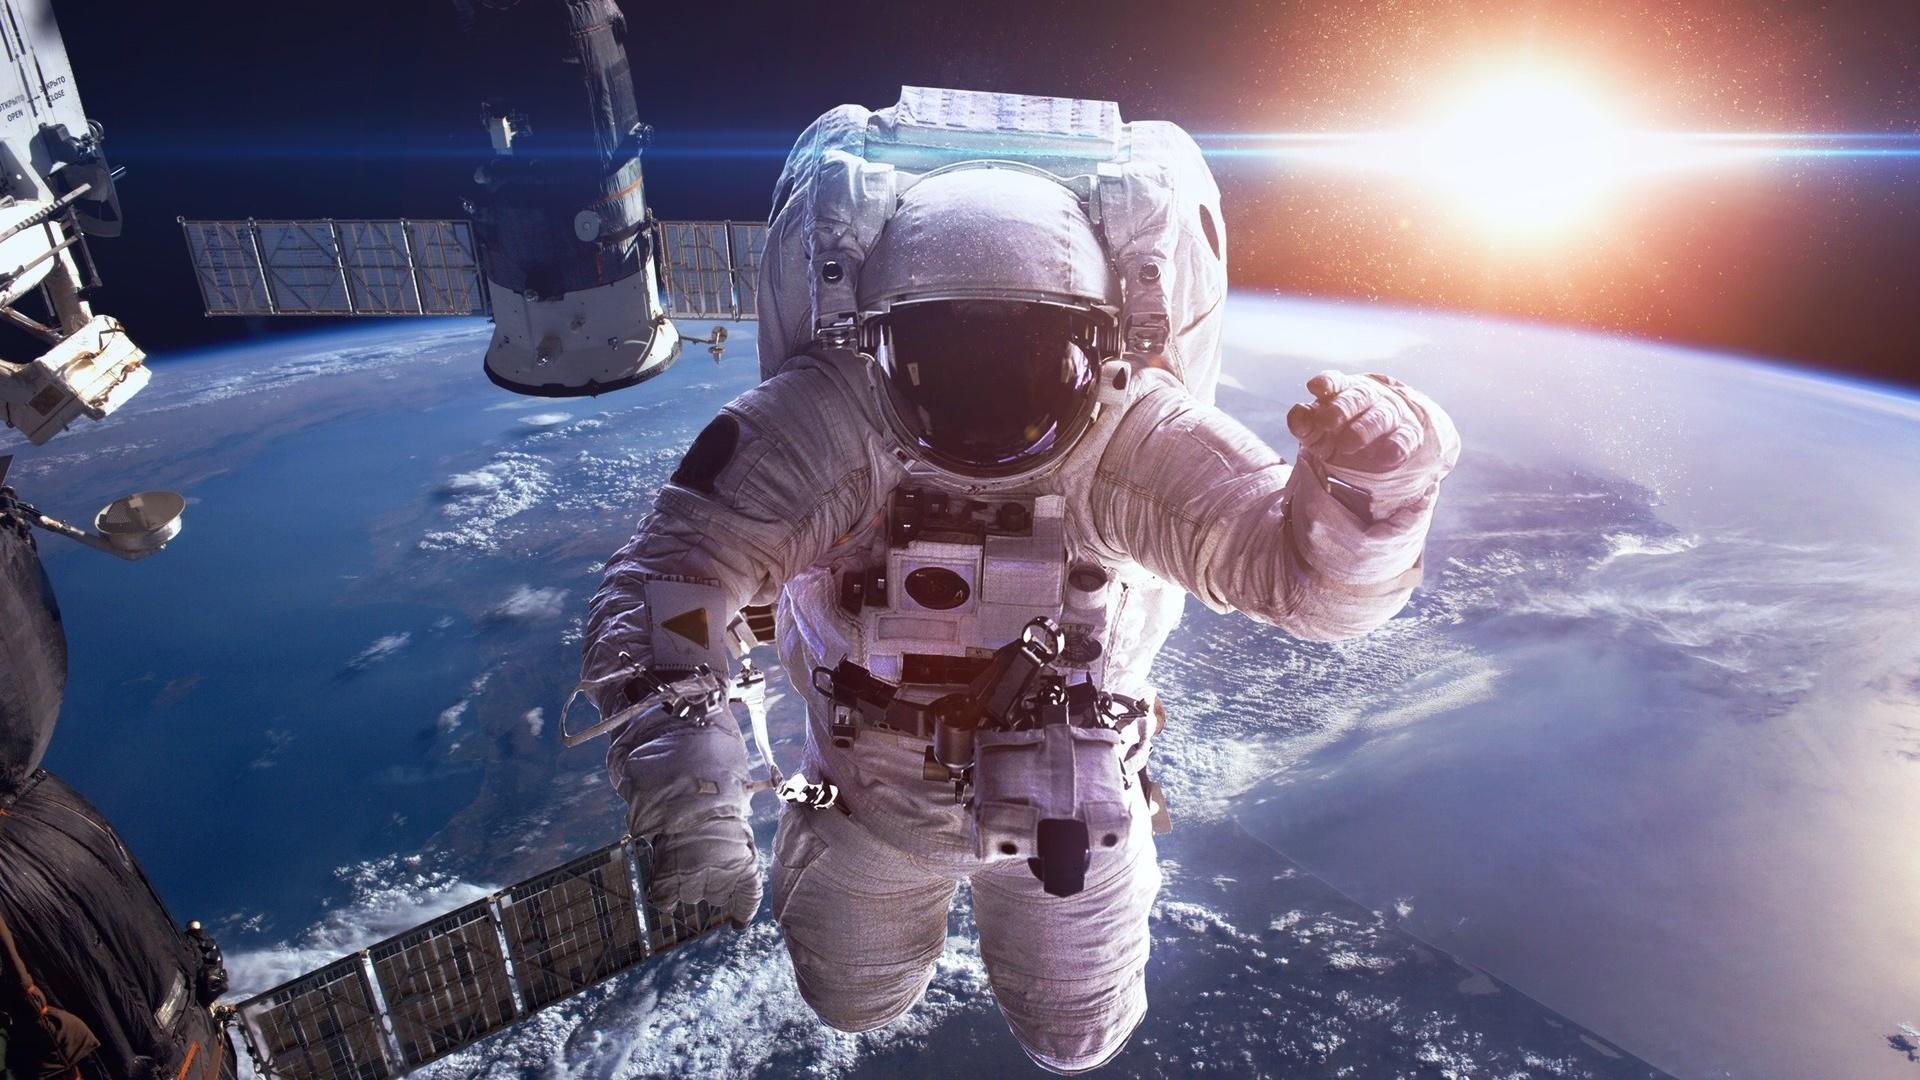 зимнее фотографии и картинки космонавтов городе большие полноприводные